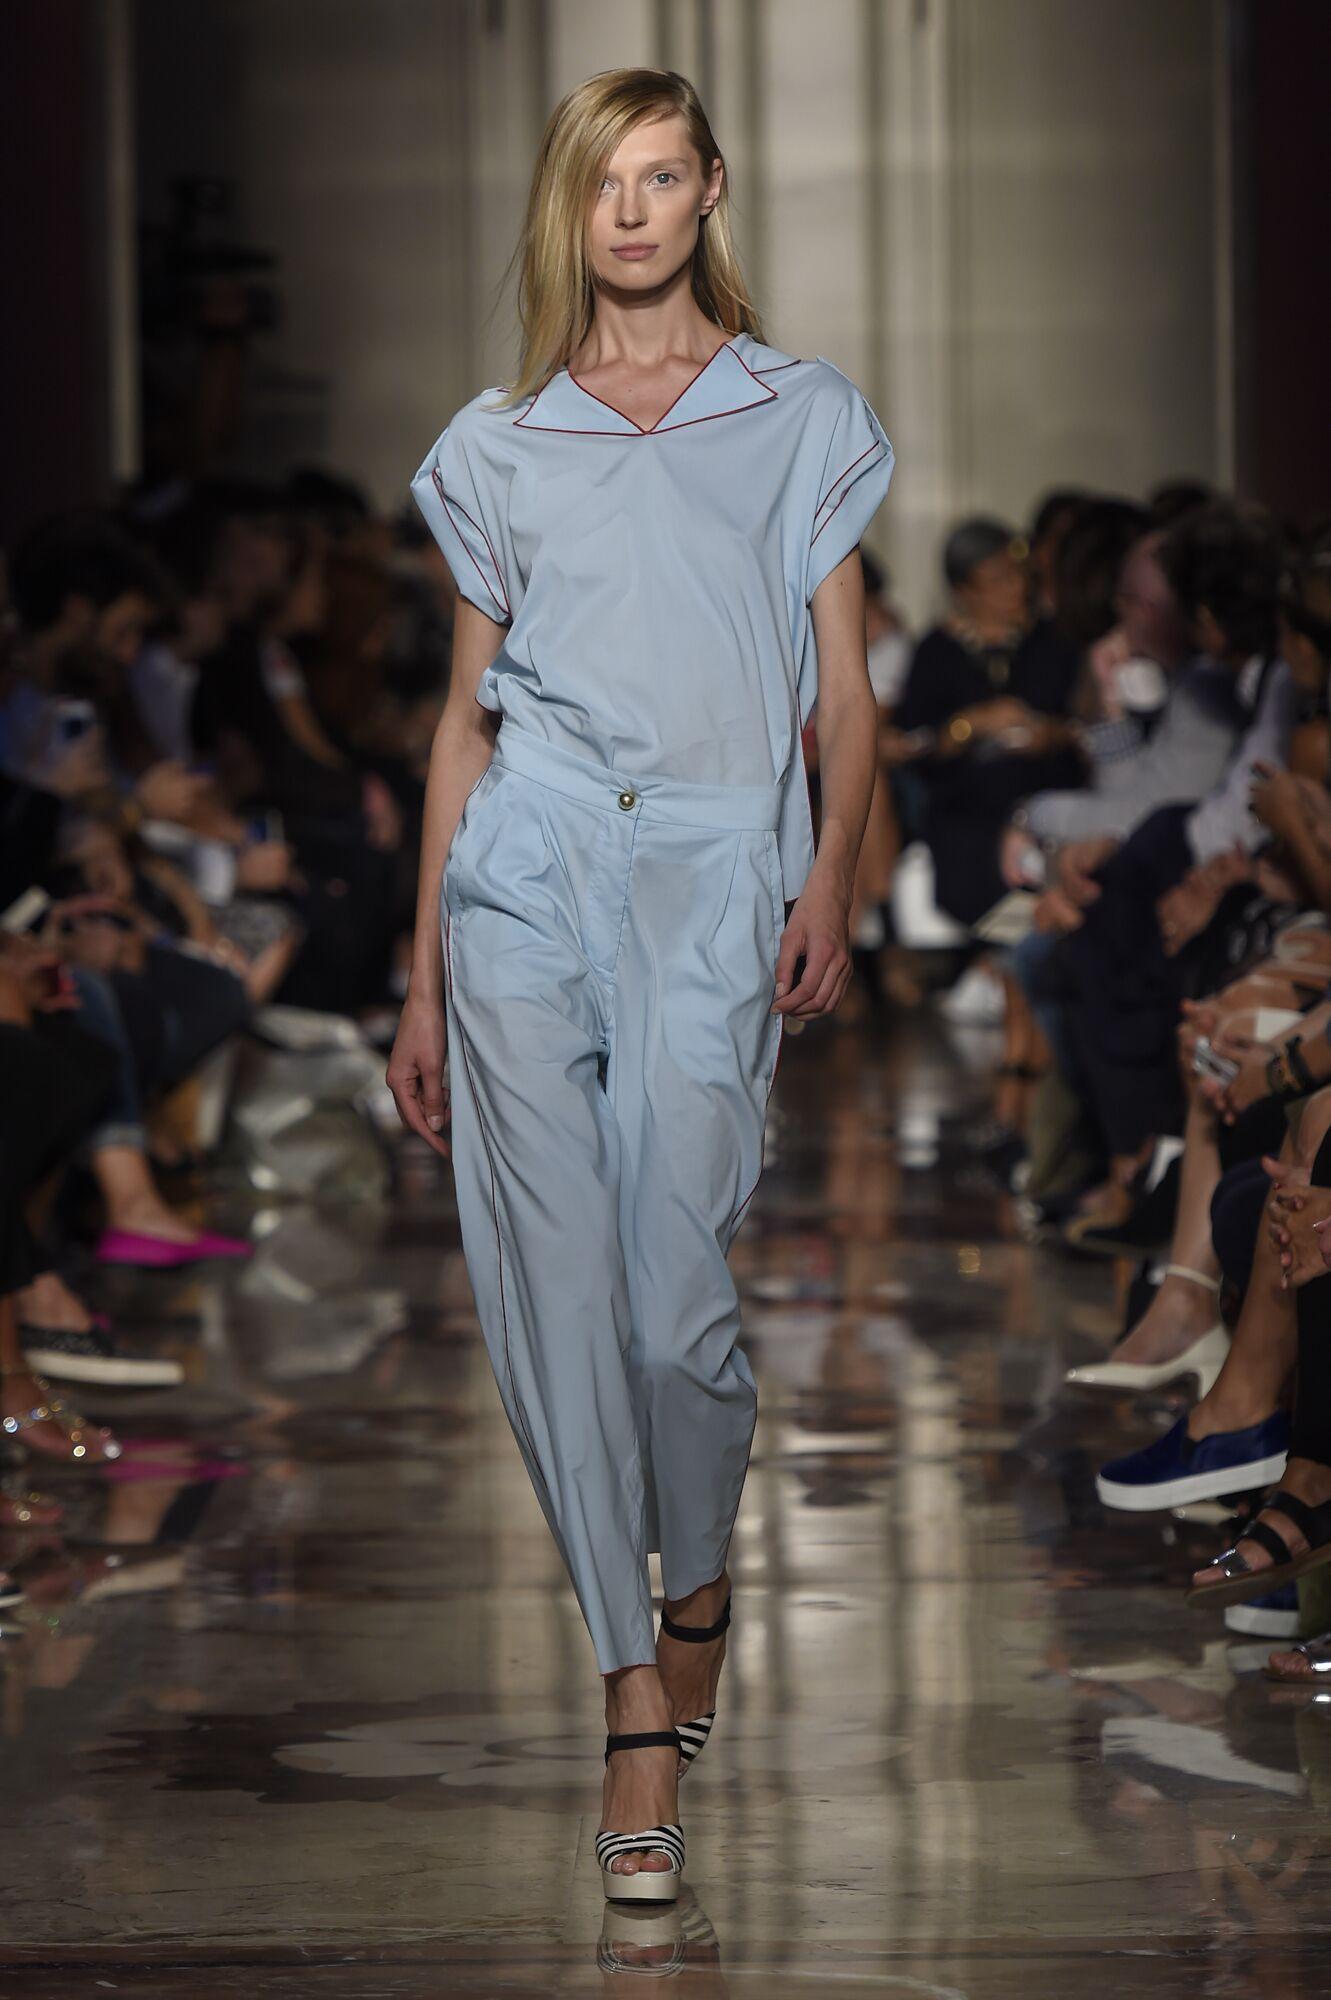 Andrea Incontri Woman Milan Fashion Week